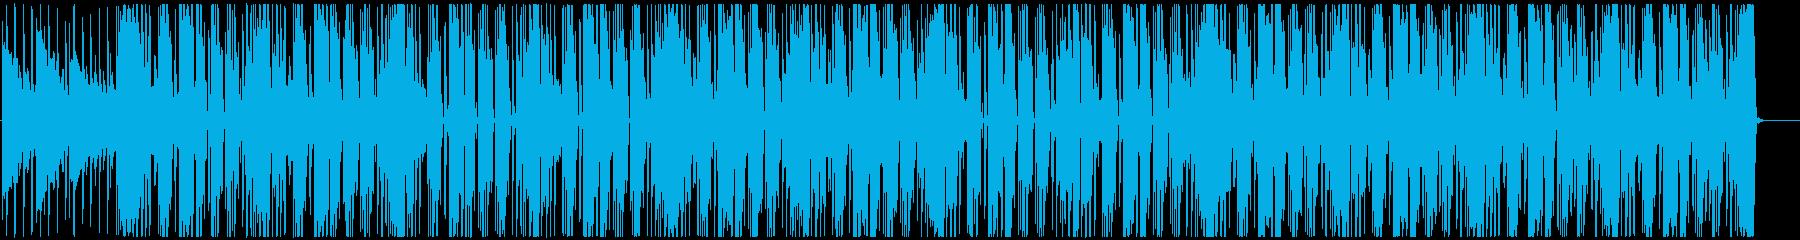 レゲエ サックスがリードするハートビートの再生済みの波形